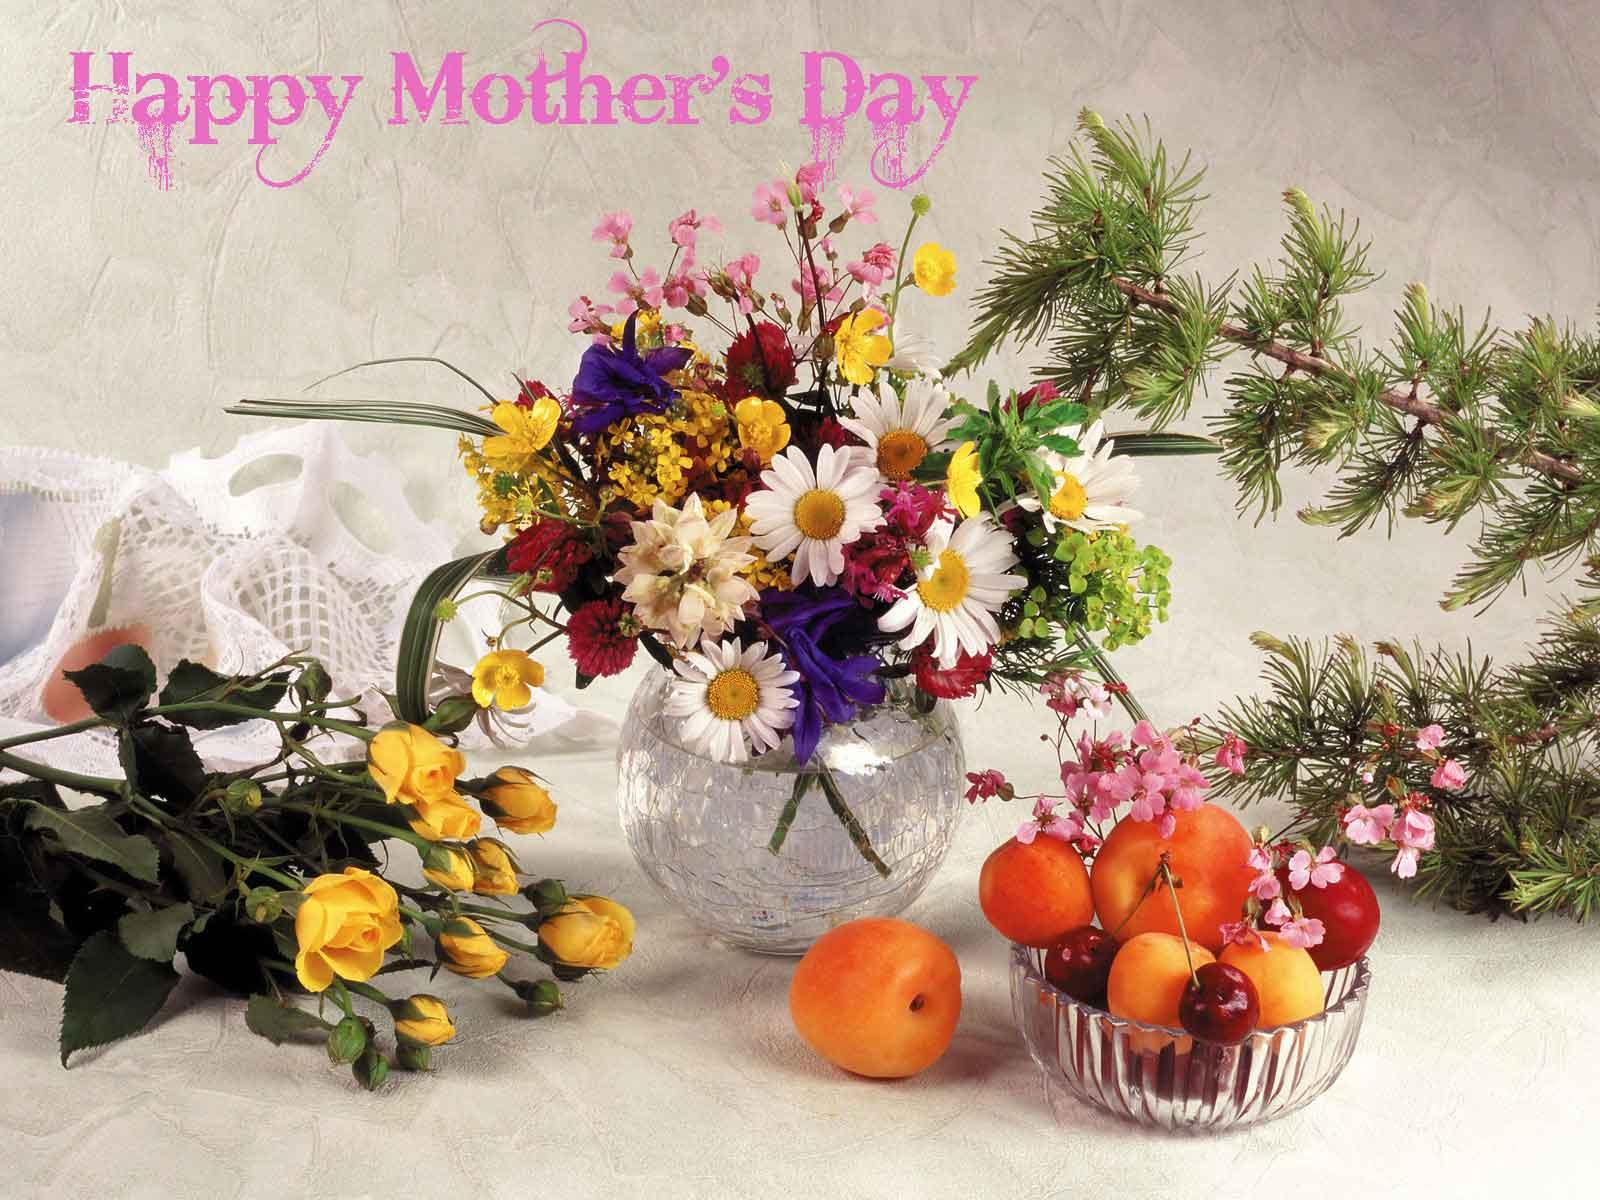 Happy Mothers Day Desktop Wallpapers Desktop Background Wallpapers 1600x1200